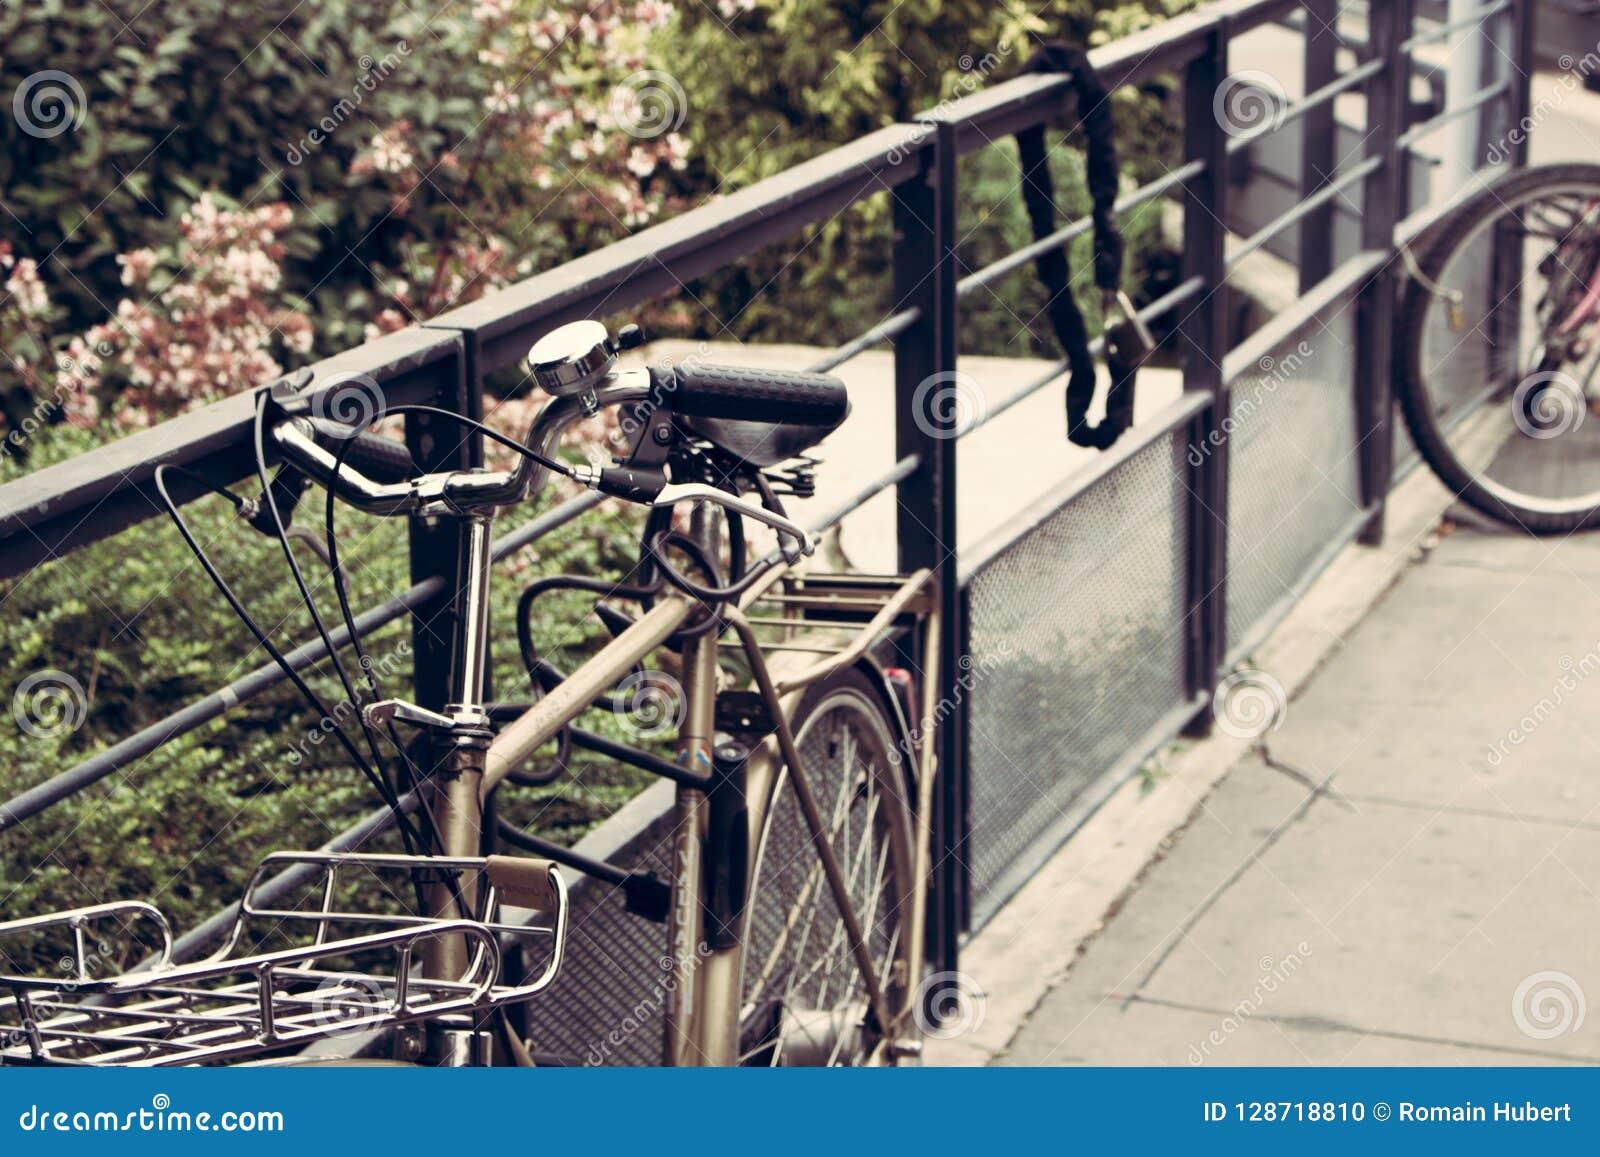 Metallcykel som hänger på ett staket